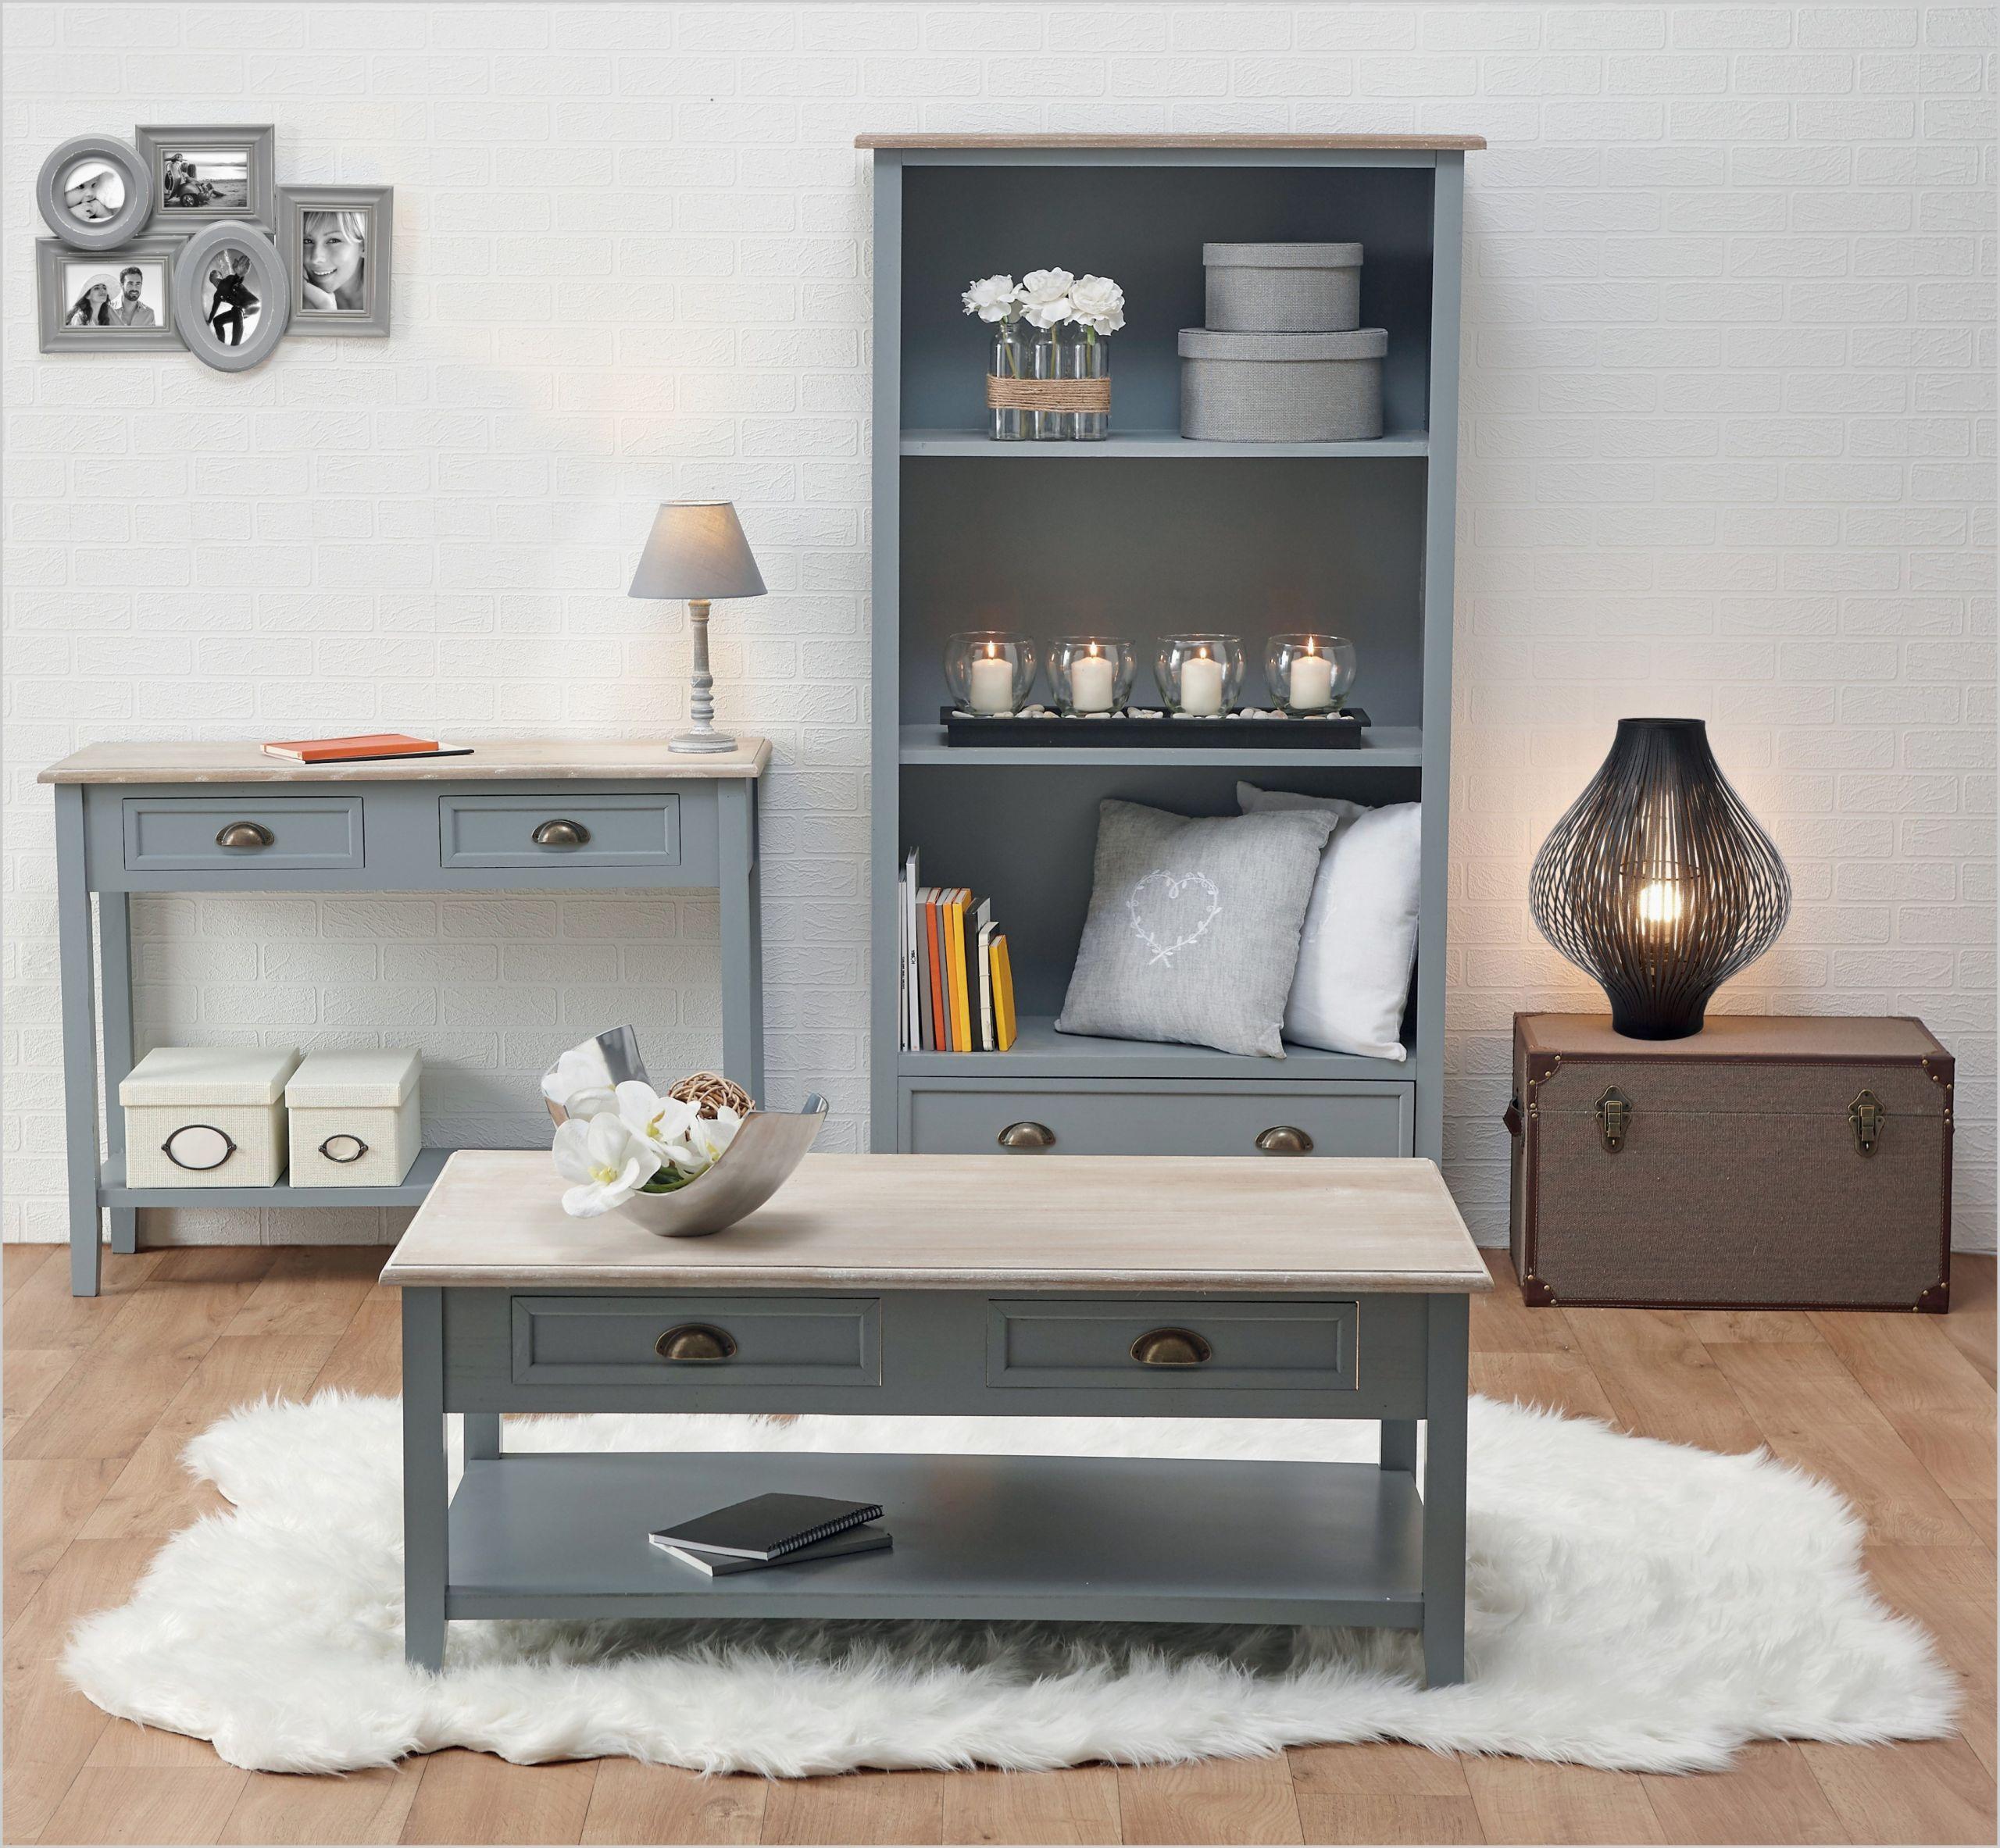 meuble de sejour idee deco sejour meuble et deco meuble deco salon salon salle a of meuble de sejour